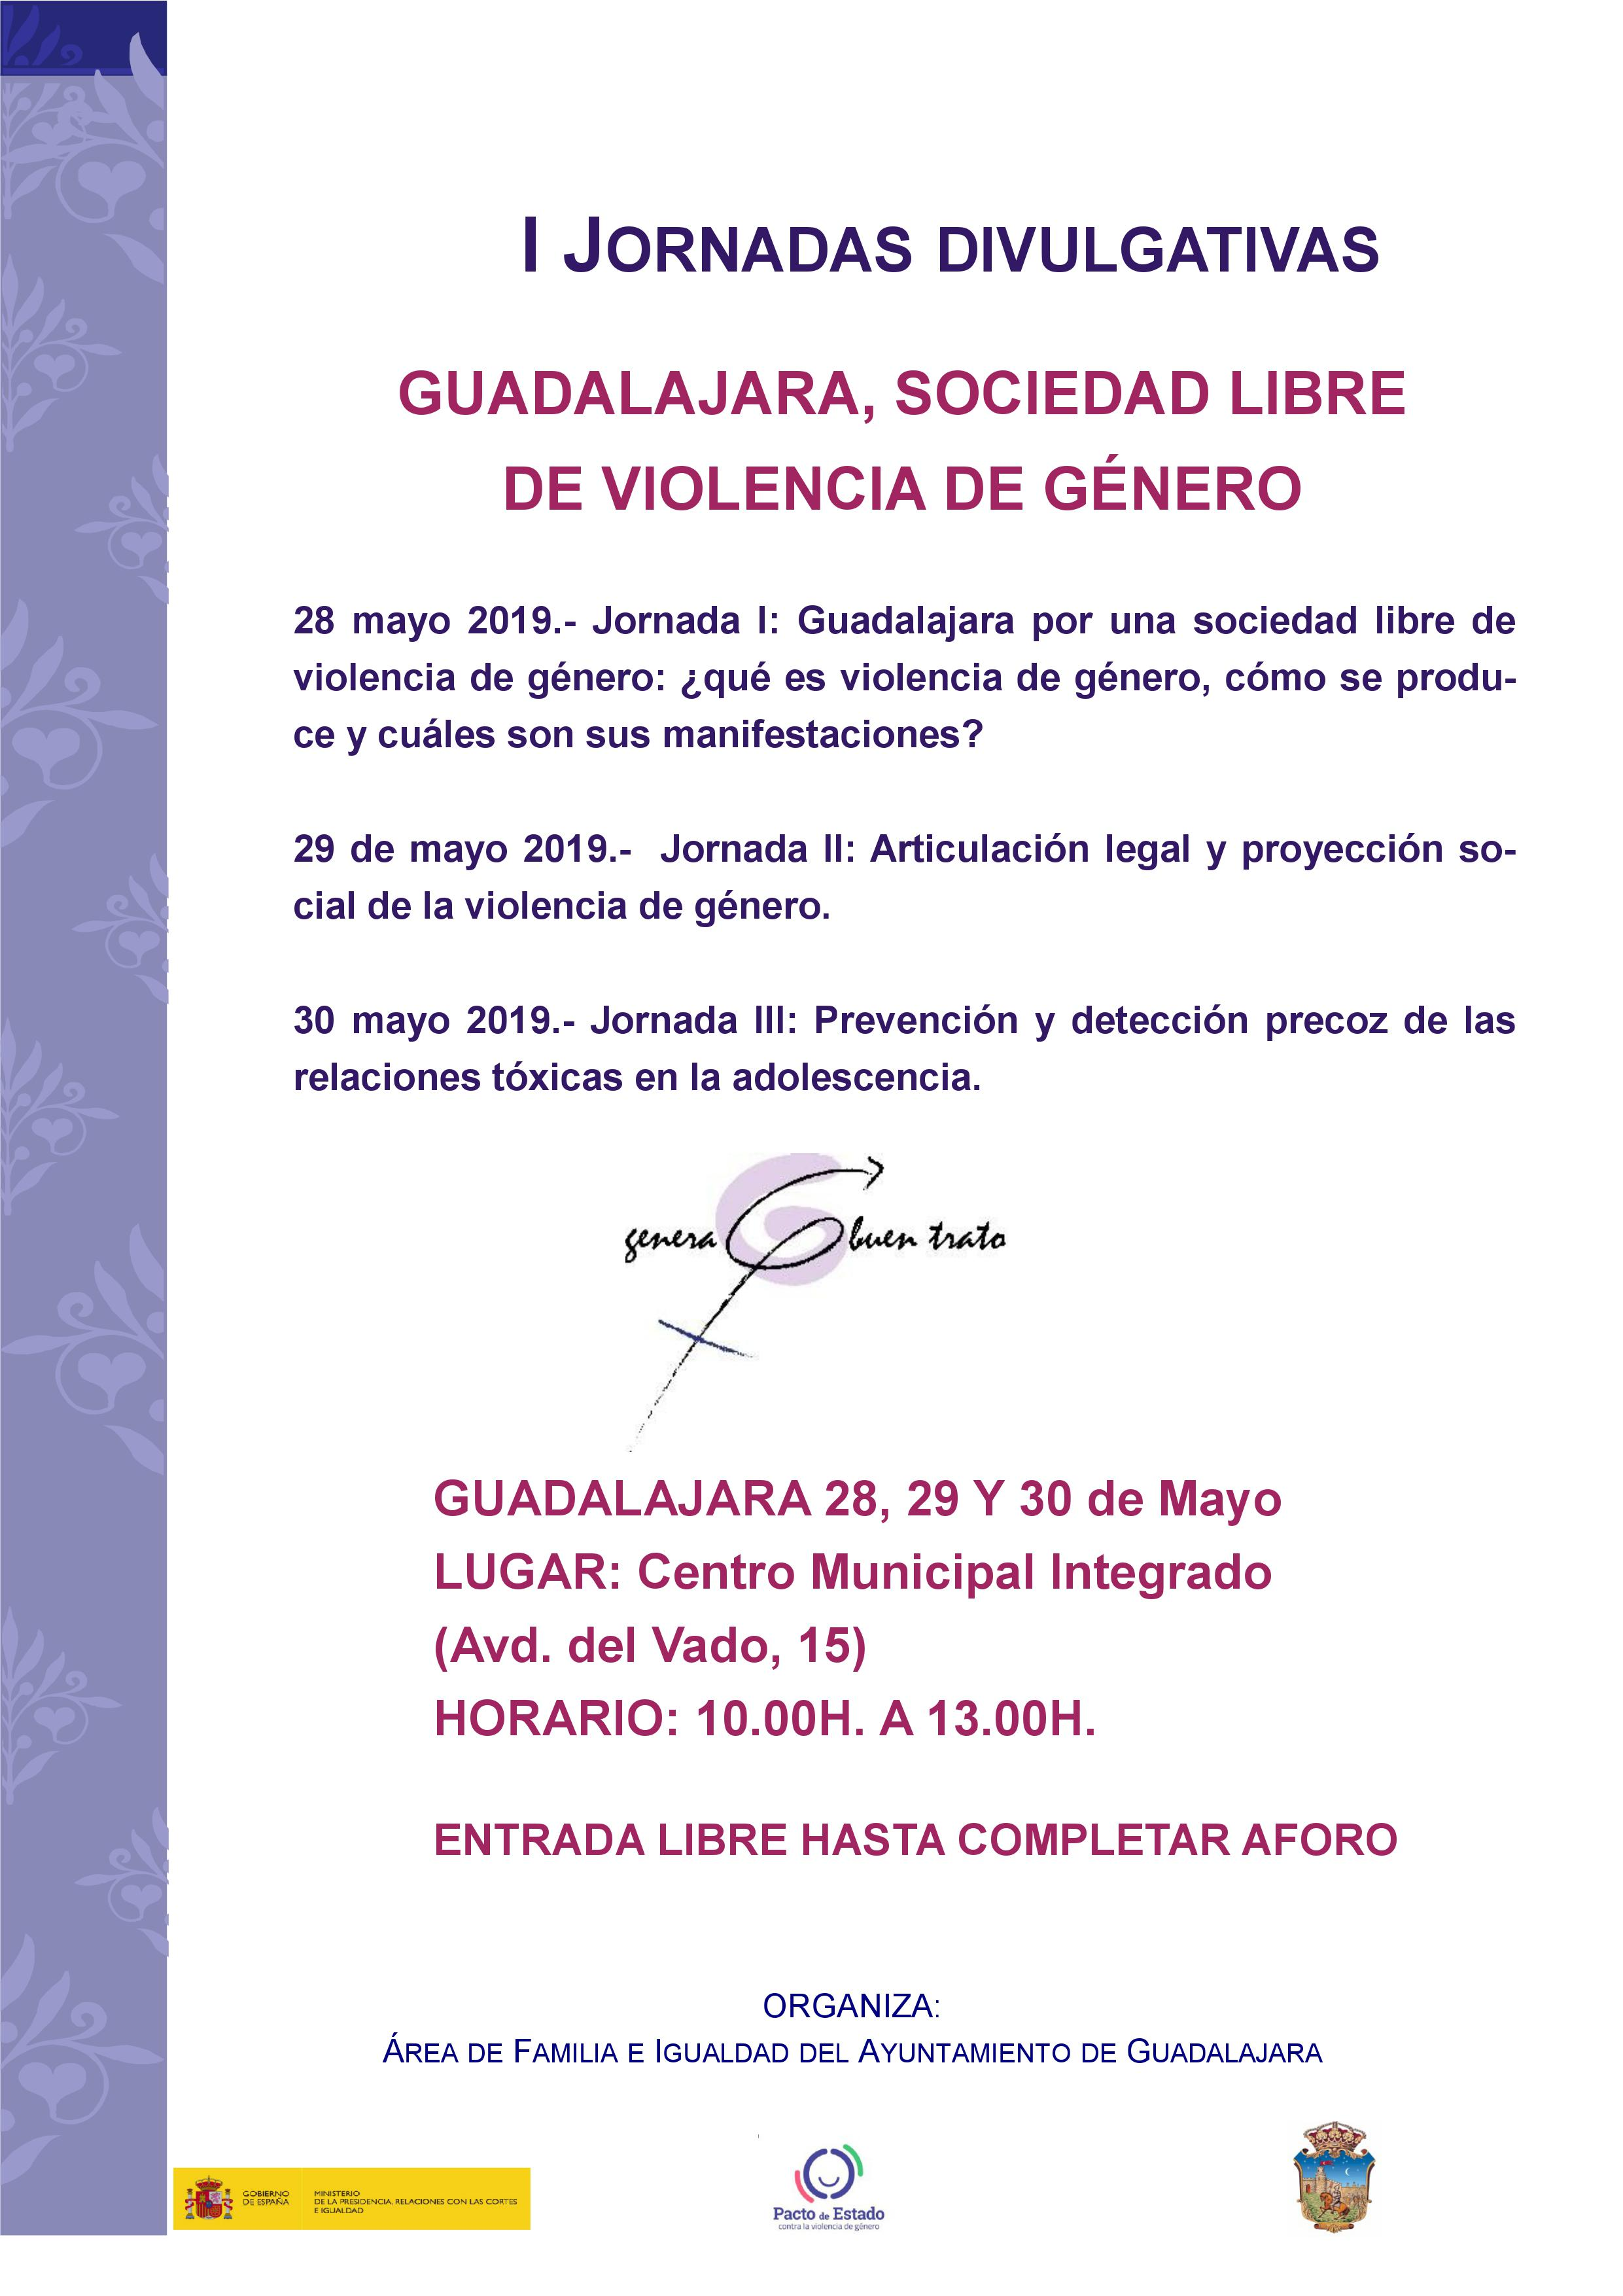 Guadalajara, sociedad libre de violencia de género